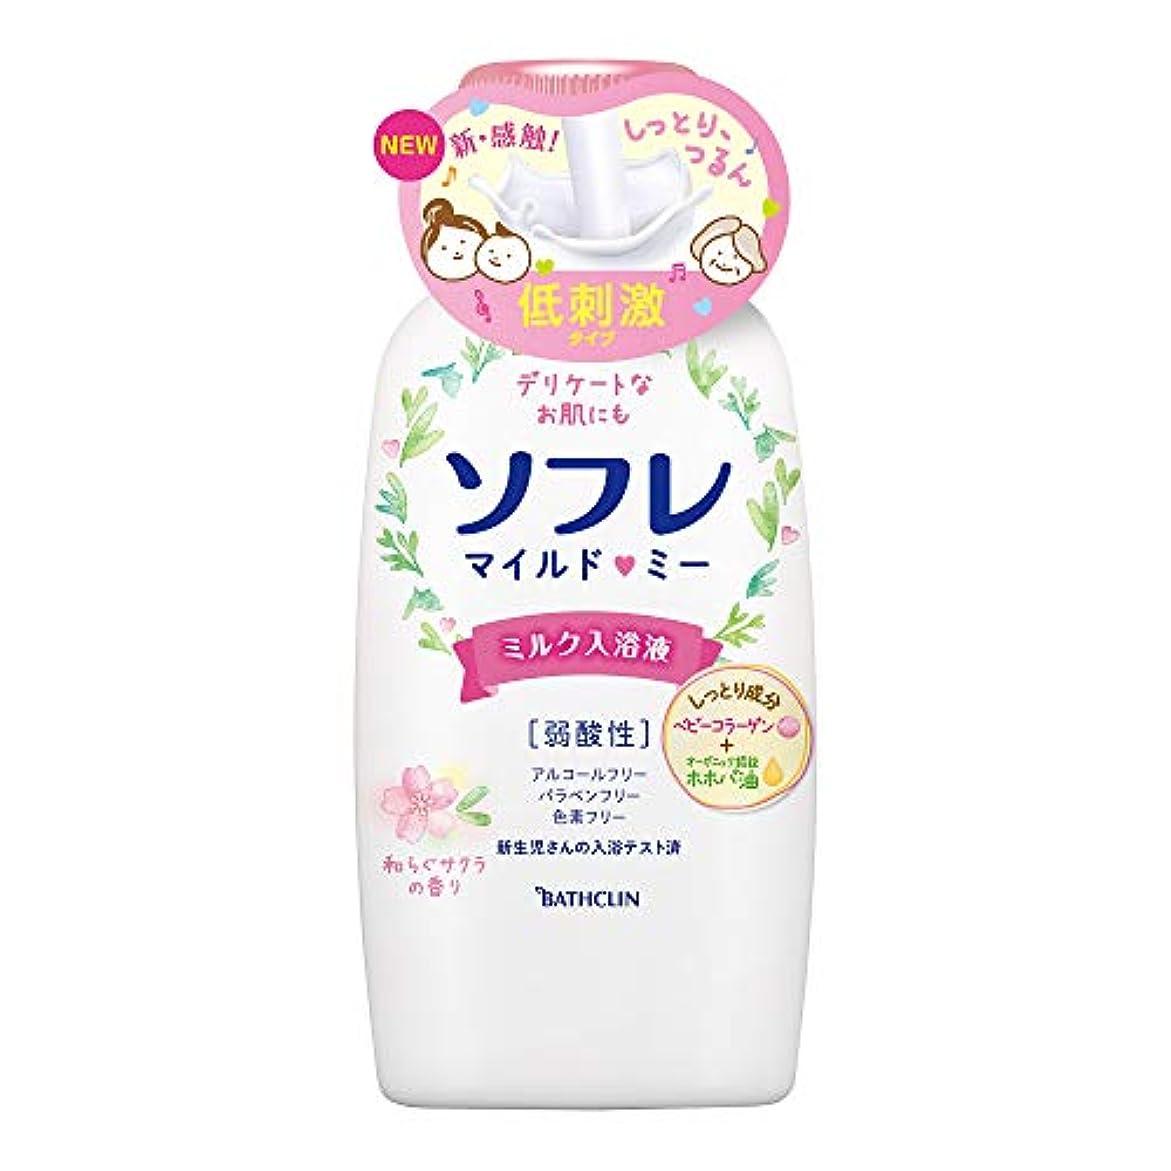 噴火ベックス眩惑するバスクリン ソフレ入浴液 マイルド?ミー ミルク 和らぐサクラの香り 本体720mL保湿 成分配合 赤ちゃんと一緒に使えます。